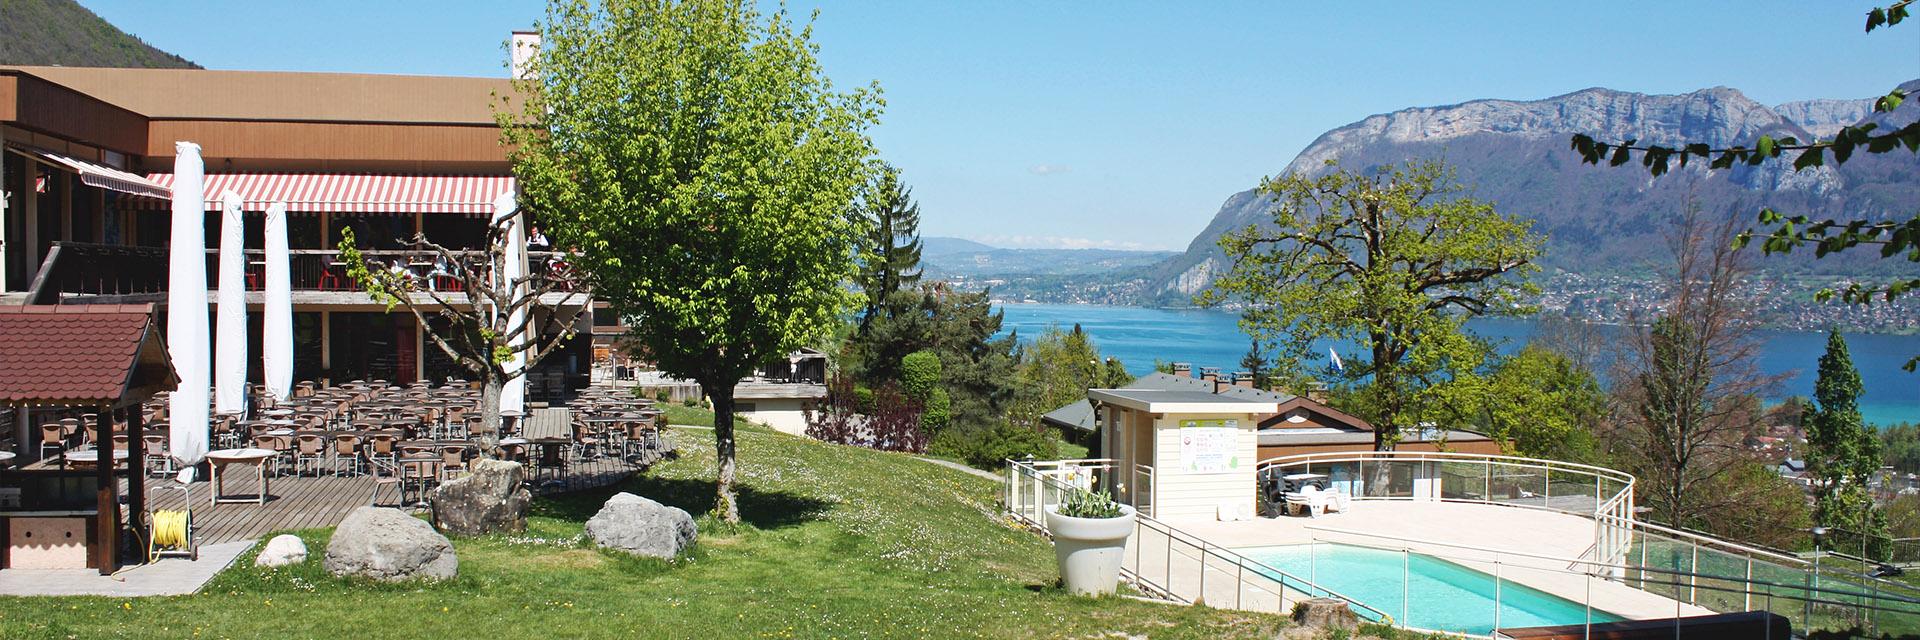 Village_club_vacances_haute-savoie_balcons-du-lac-d-annecy-village-piscine-vue